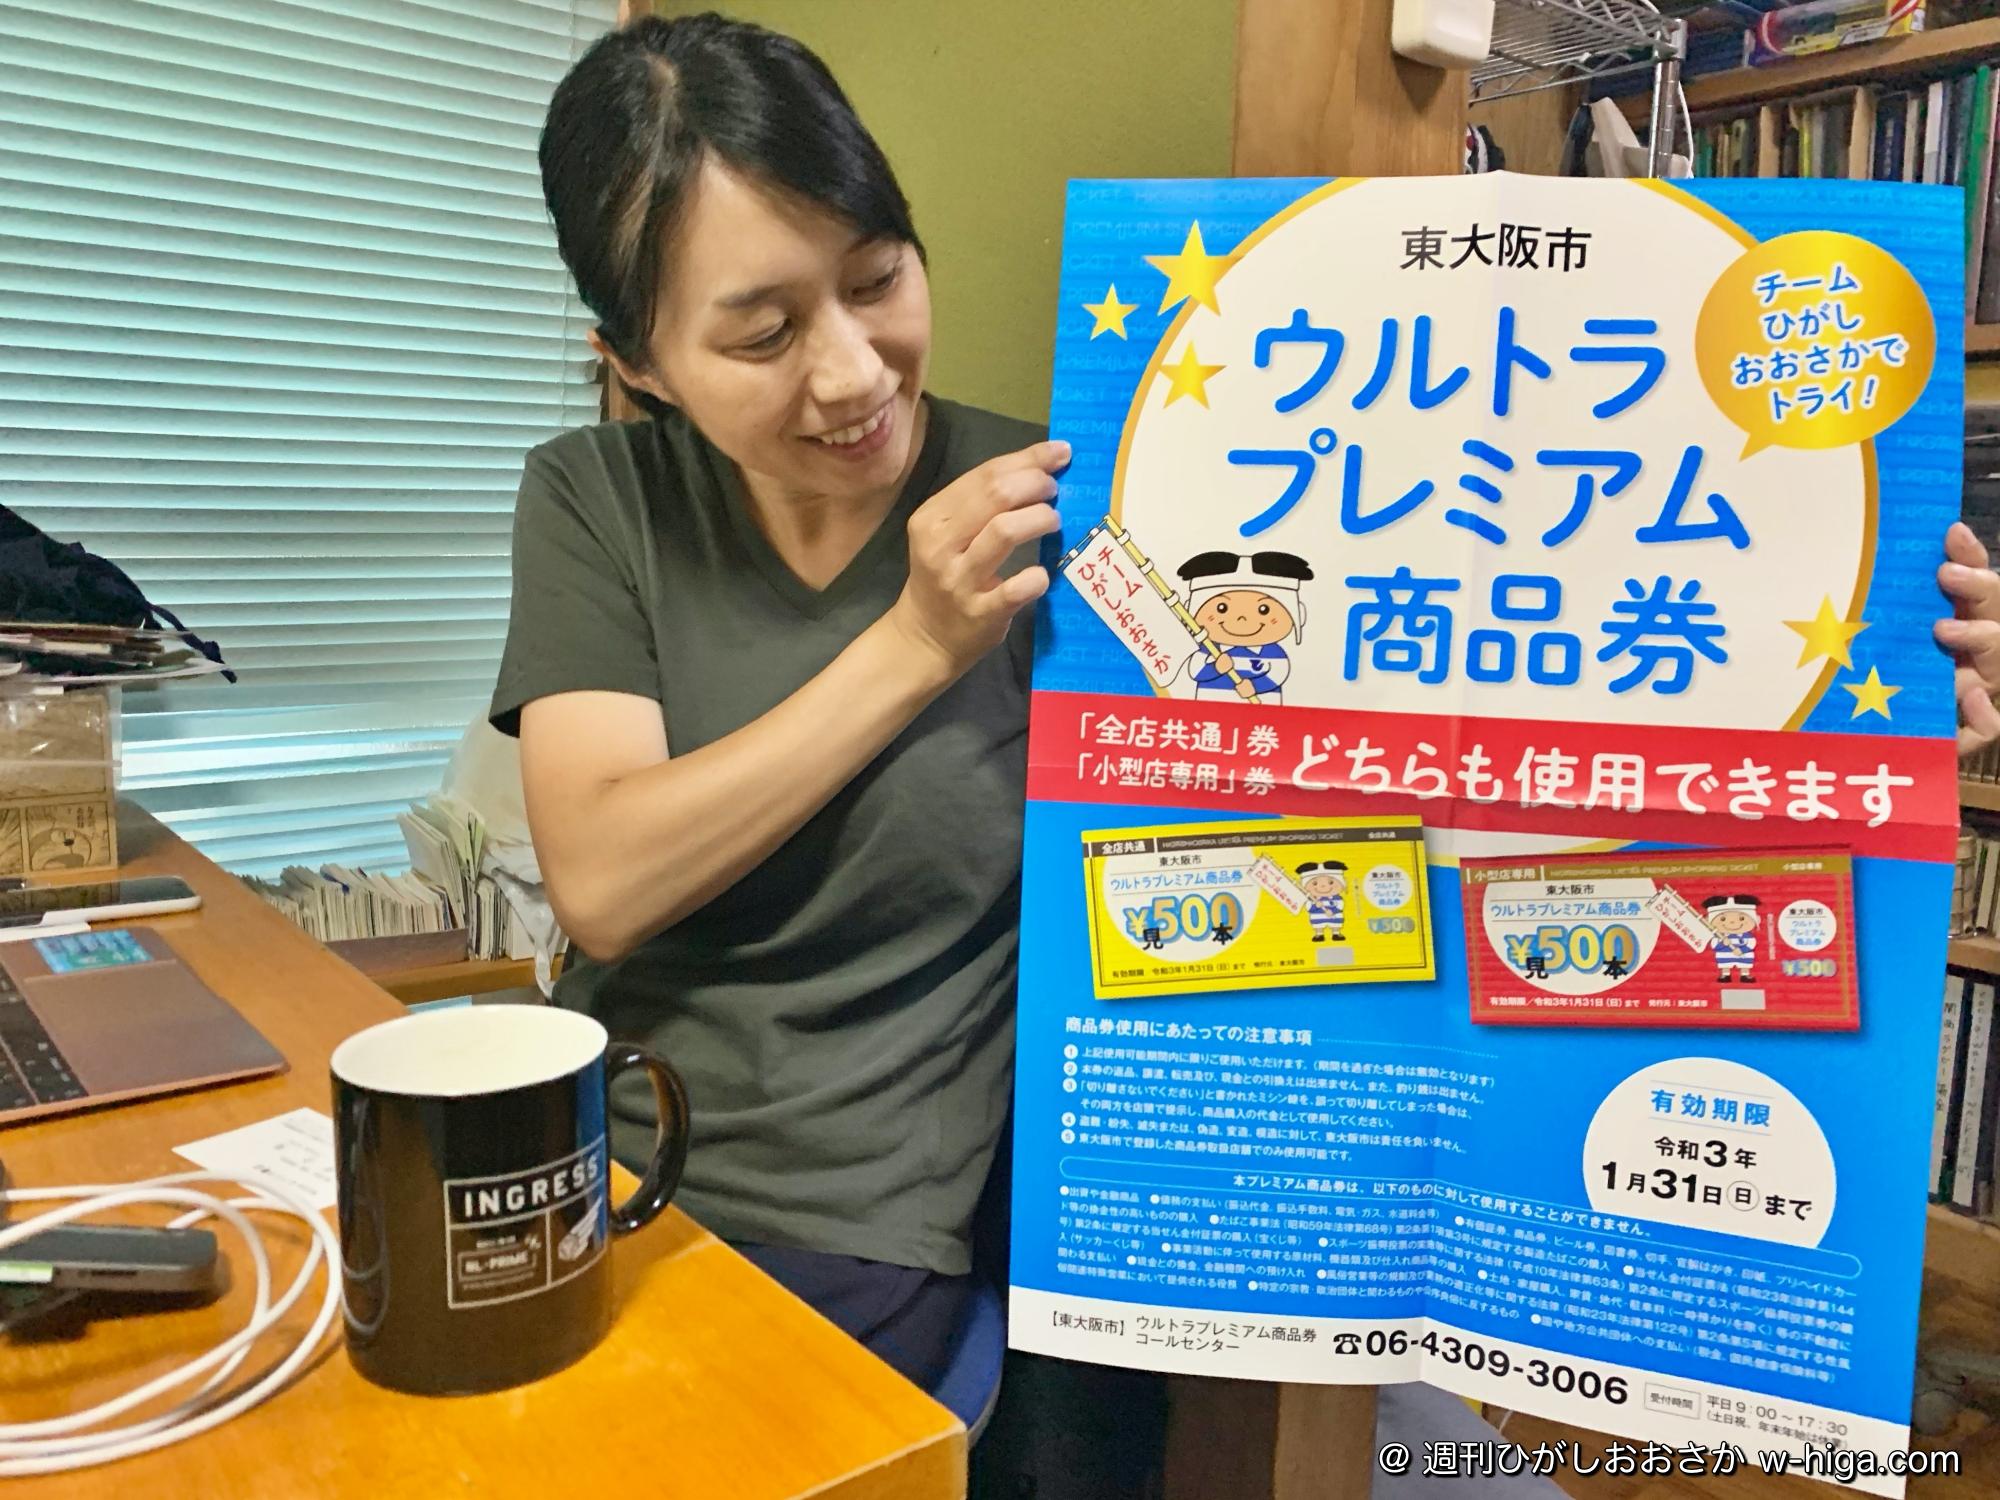 東大阪市ウルトラプレミアム商品券